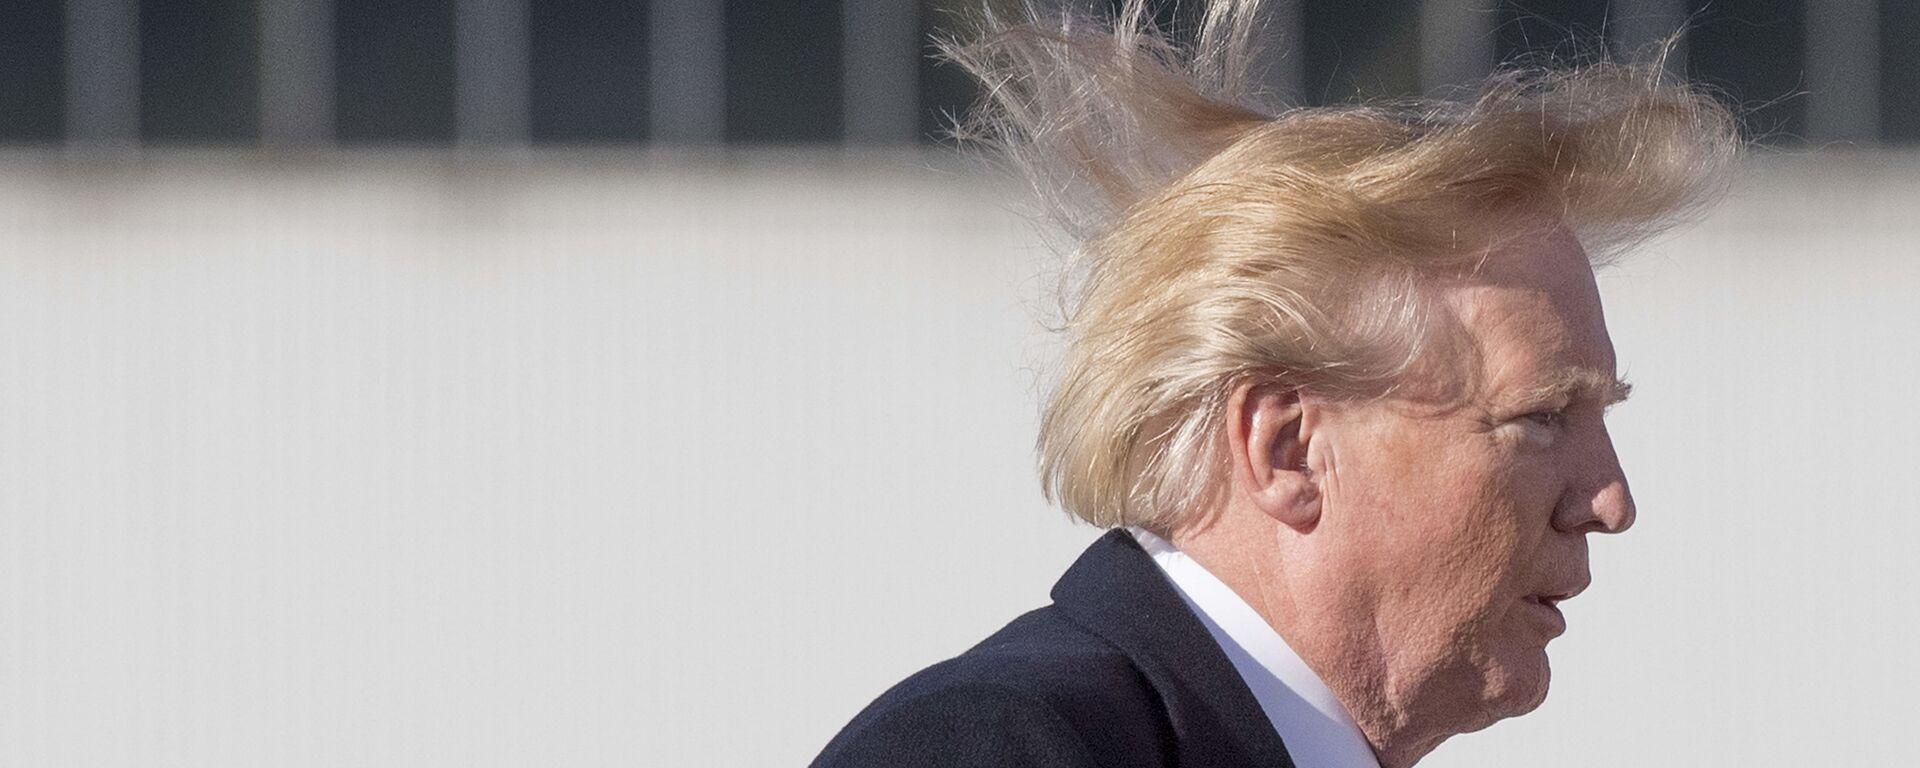 Tổng thống Mỹ Donald Trump - Sputnik Việt Nam, 1920, 10.09.2019